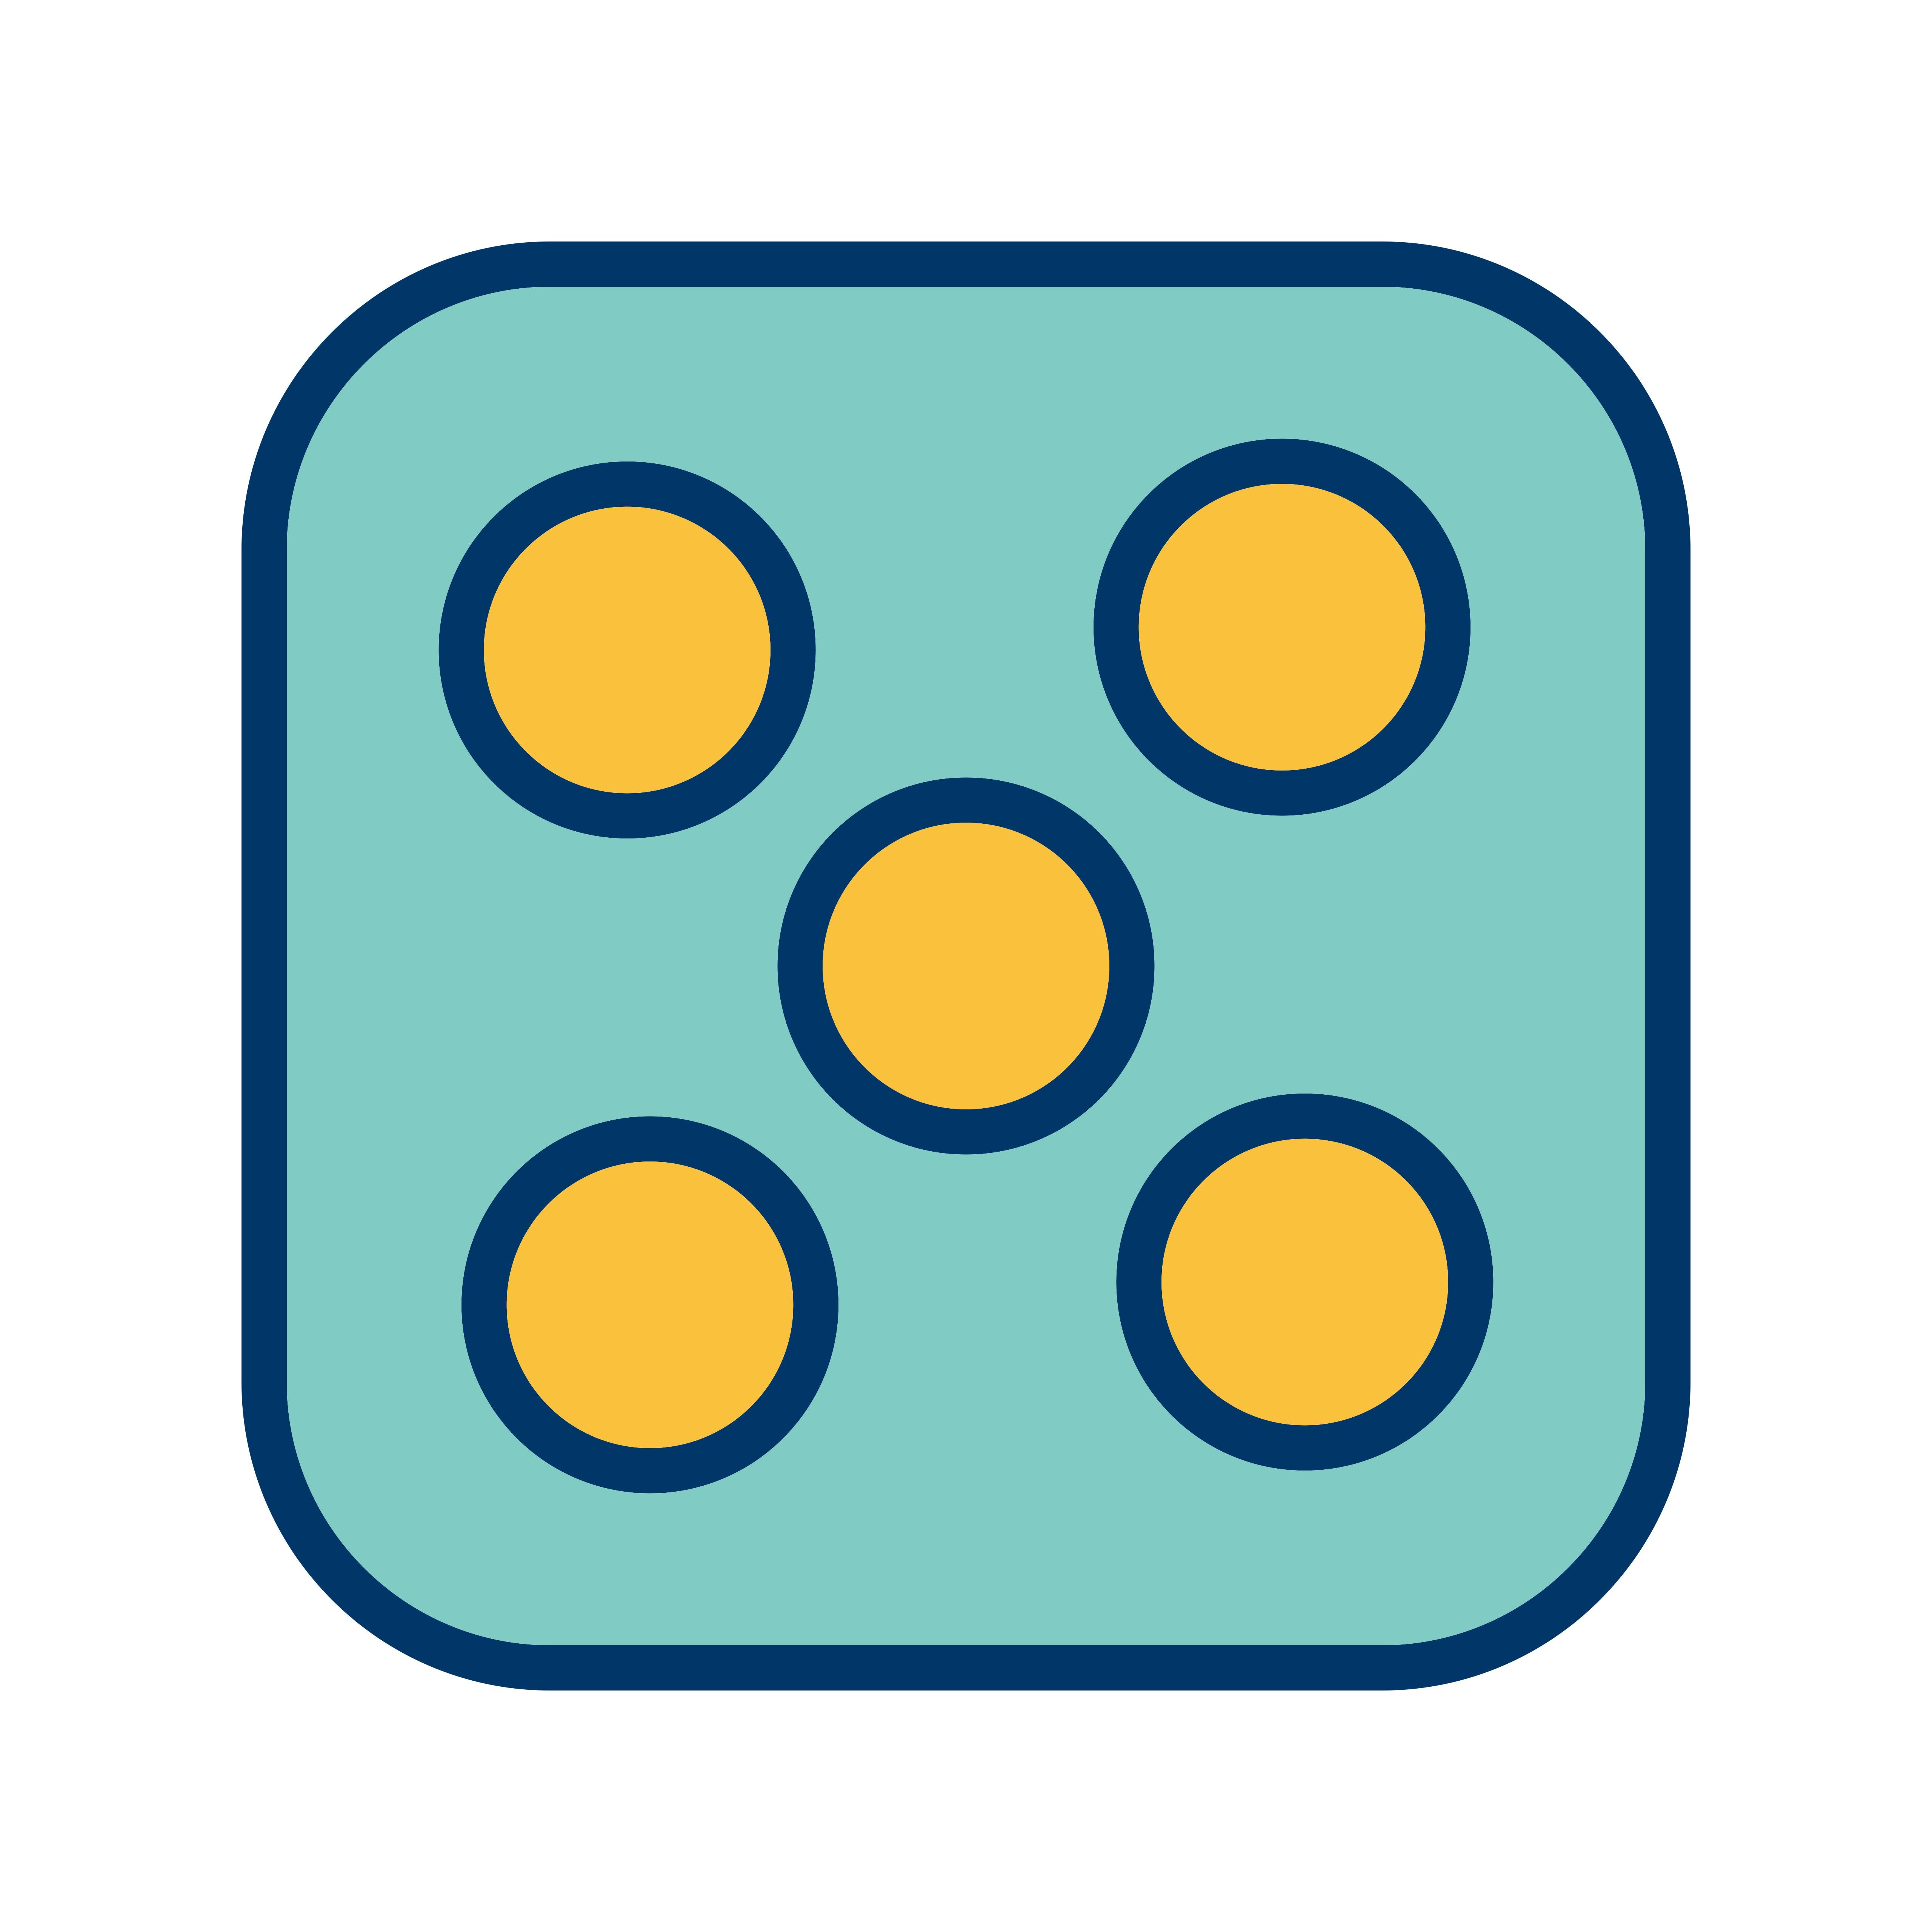 dice-five-vector-icon.jpg